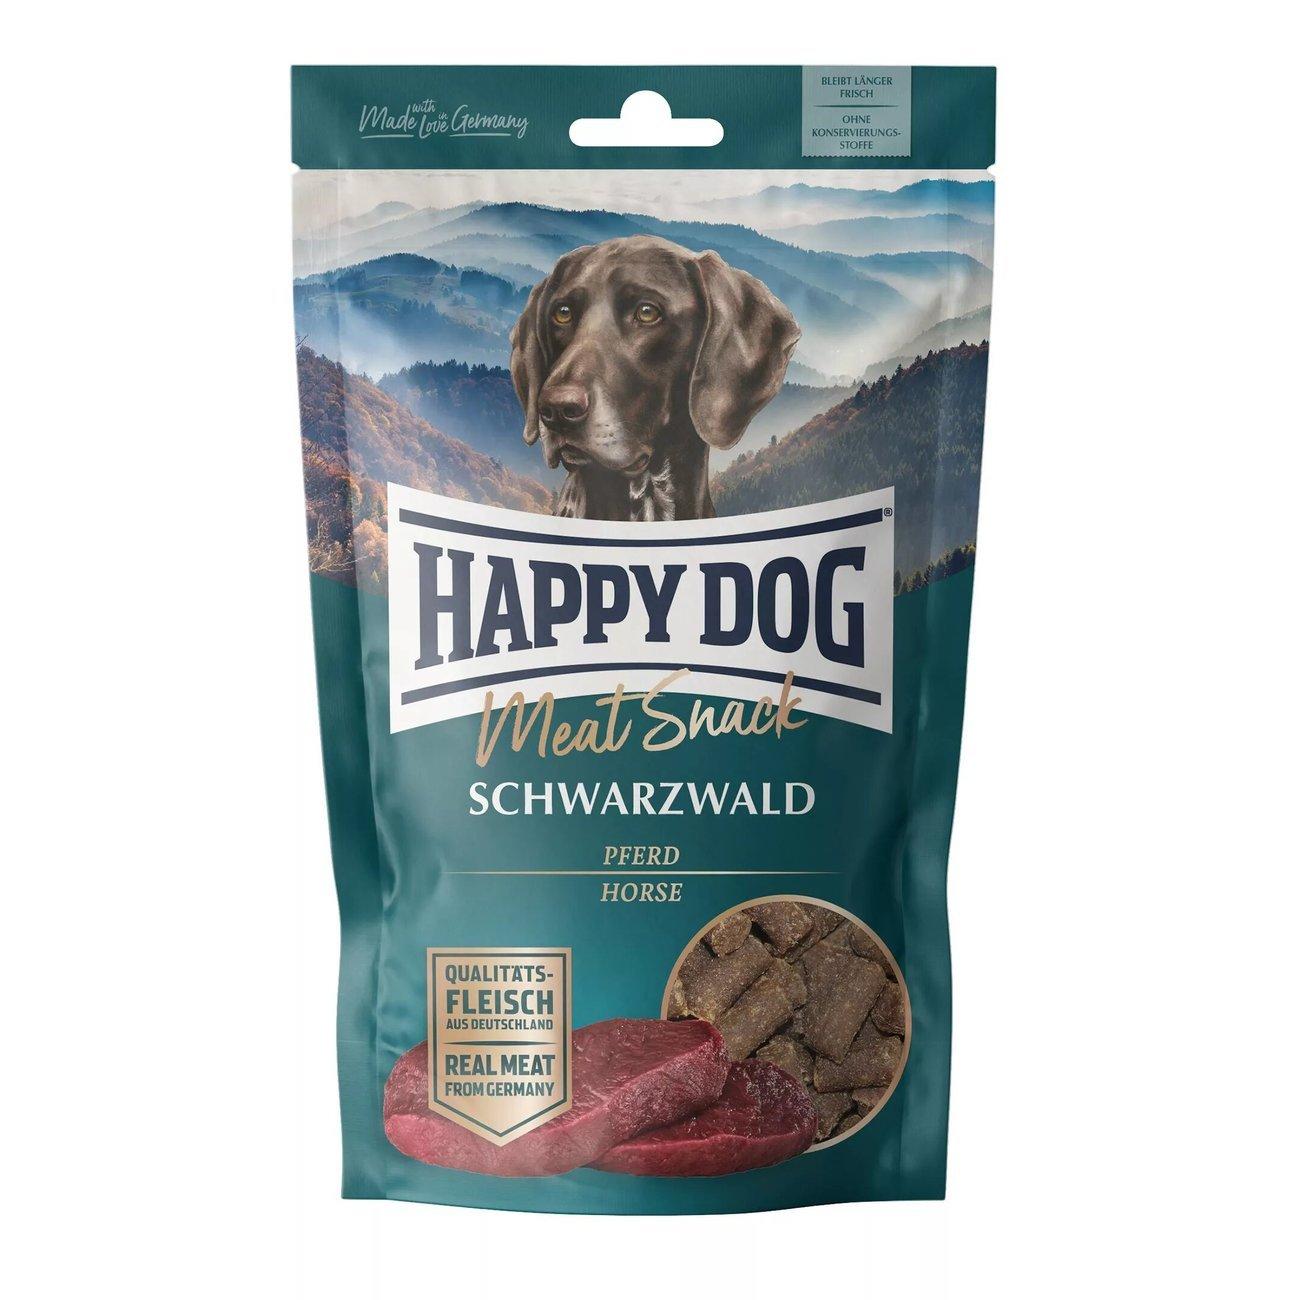 Happy Dog Meat Snack Schwarzwald, 75g